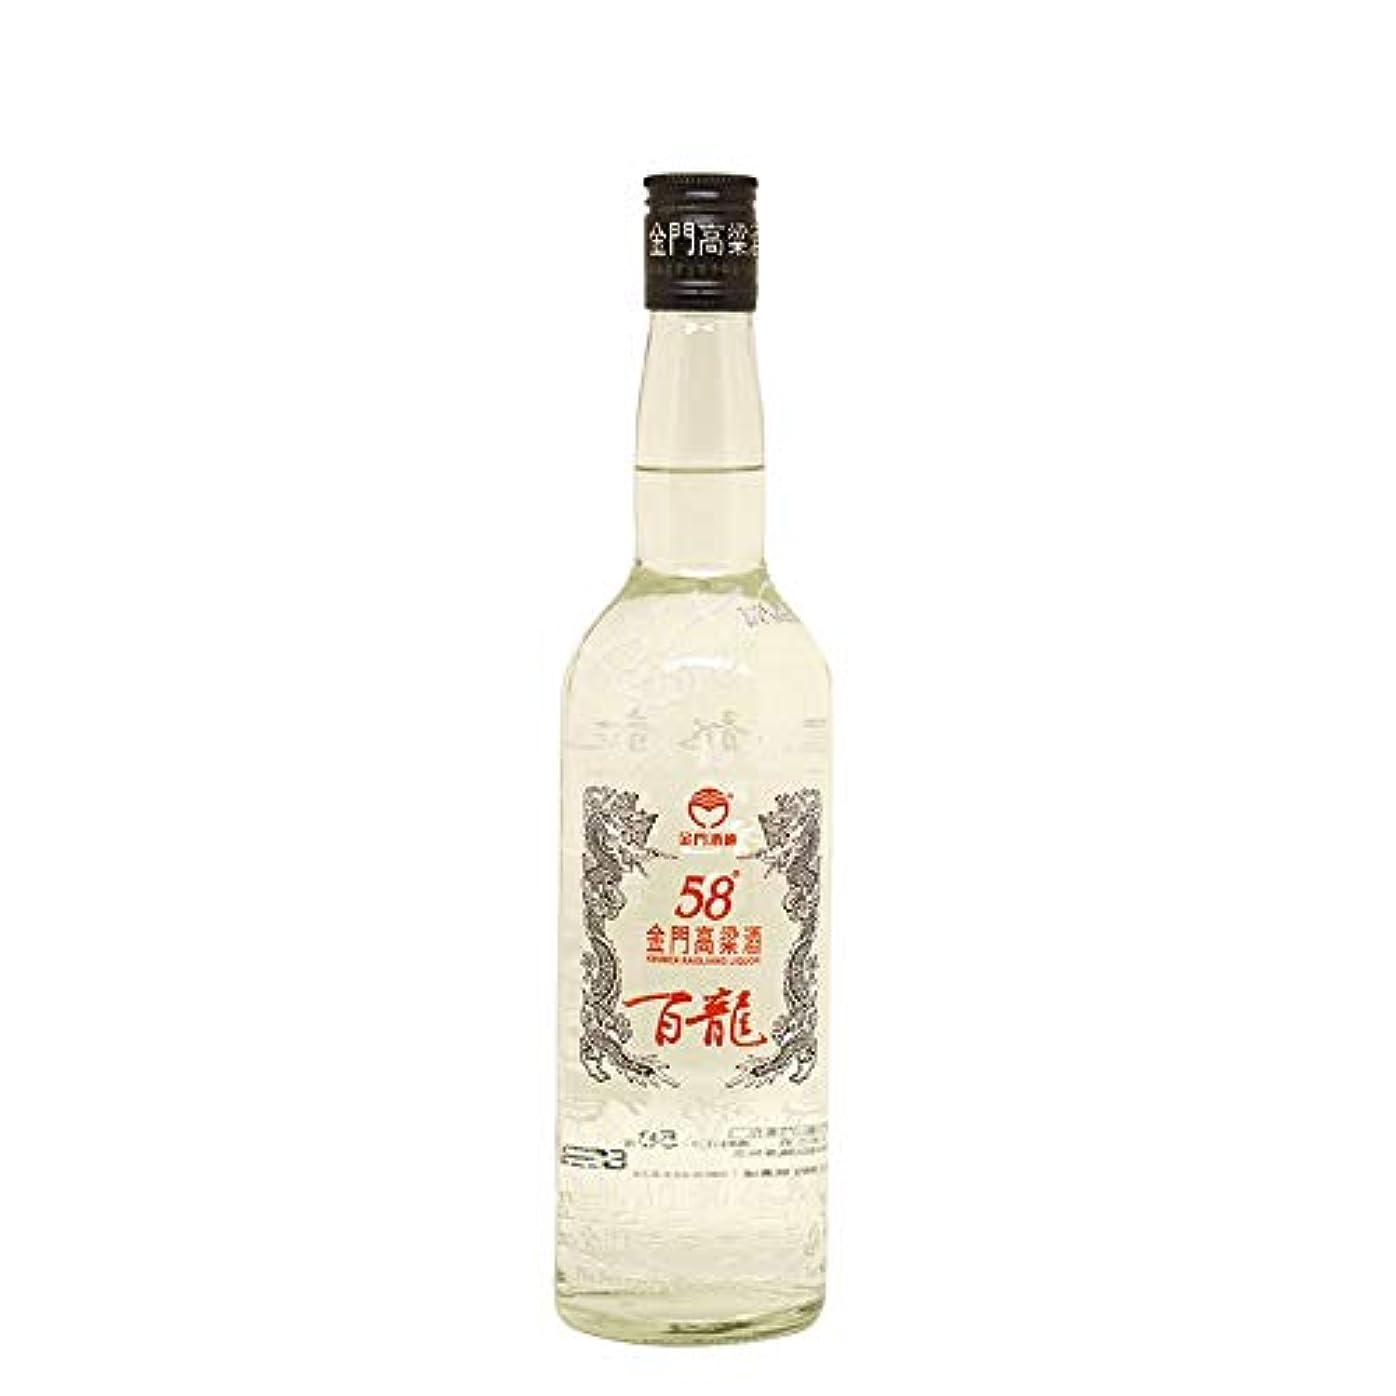 単調な和らげる憎しみ金門百龍高粱酒58度600ml